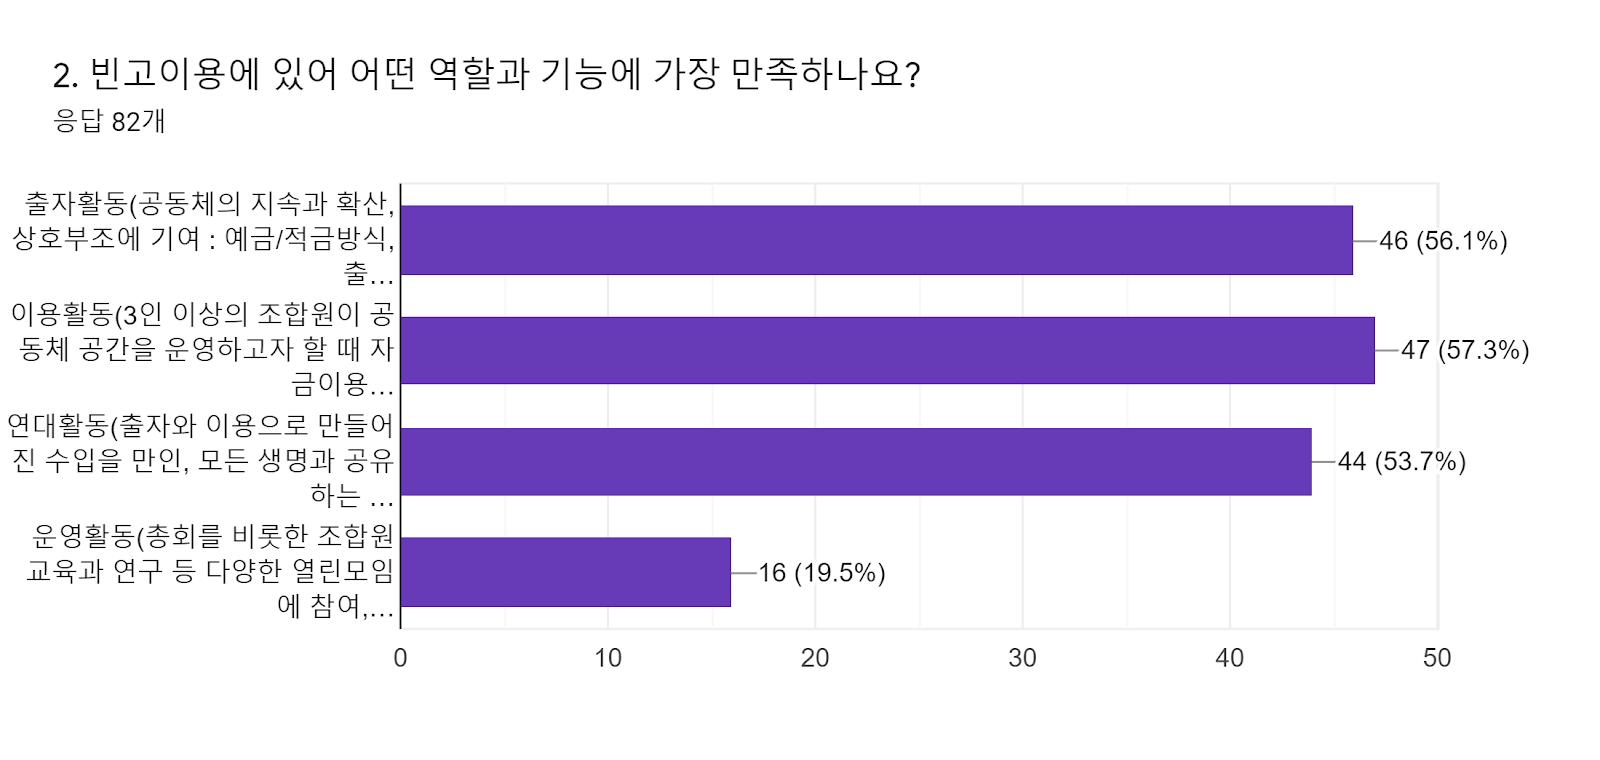 양식 응답 차트. 질문 제목: 2. 빈고이용에 있어 어떤 역할과 기능에 가장 만족하나요? . 응답 수: 응답 82개.